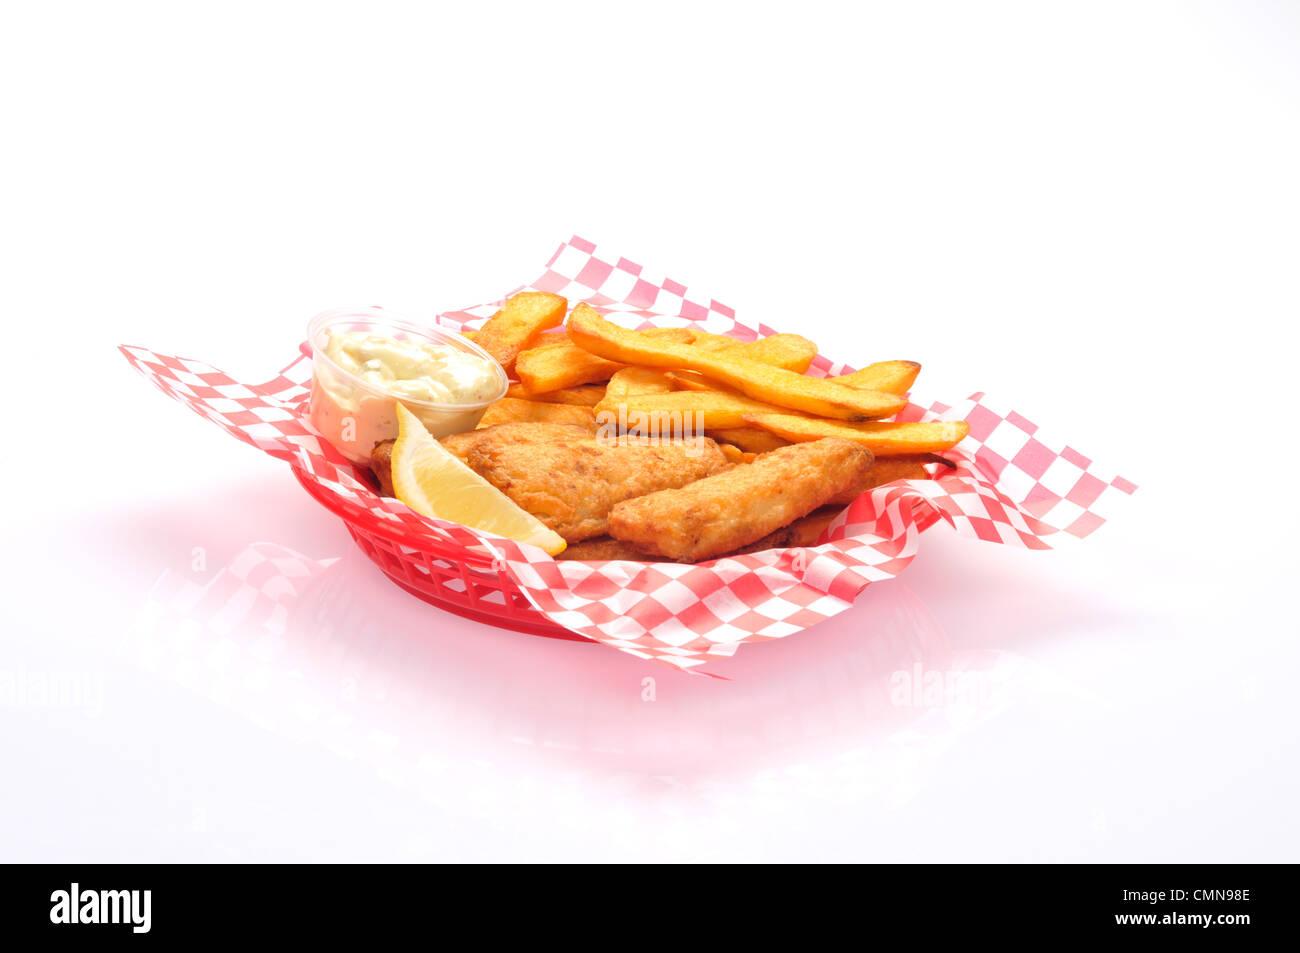 Panier de poisson et frites avec sauce tartare et citron Photo Stock